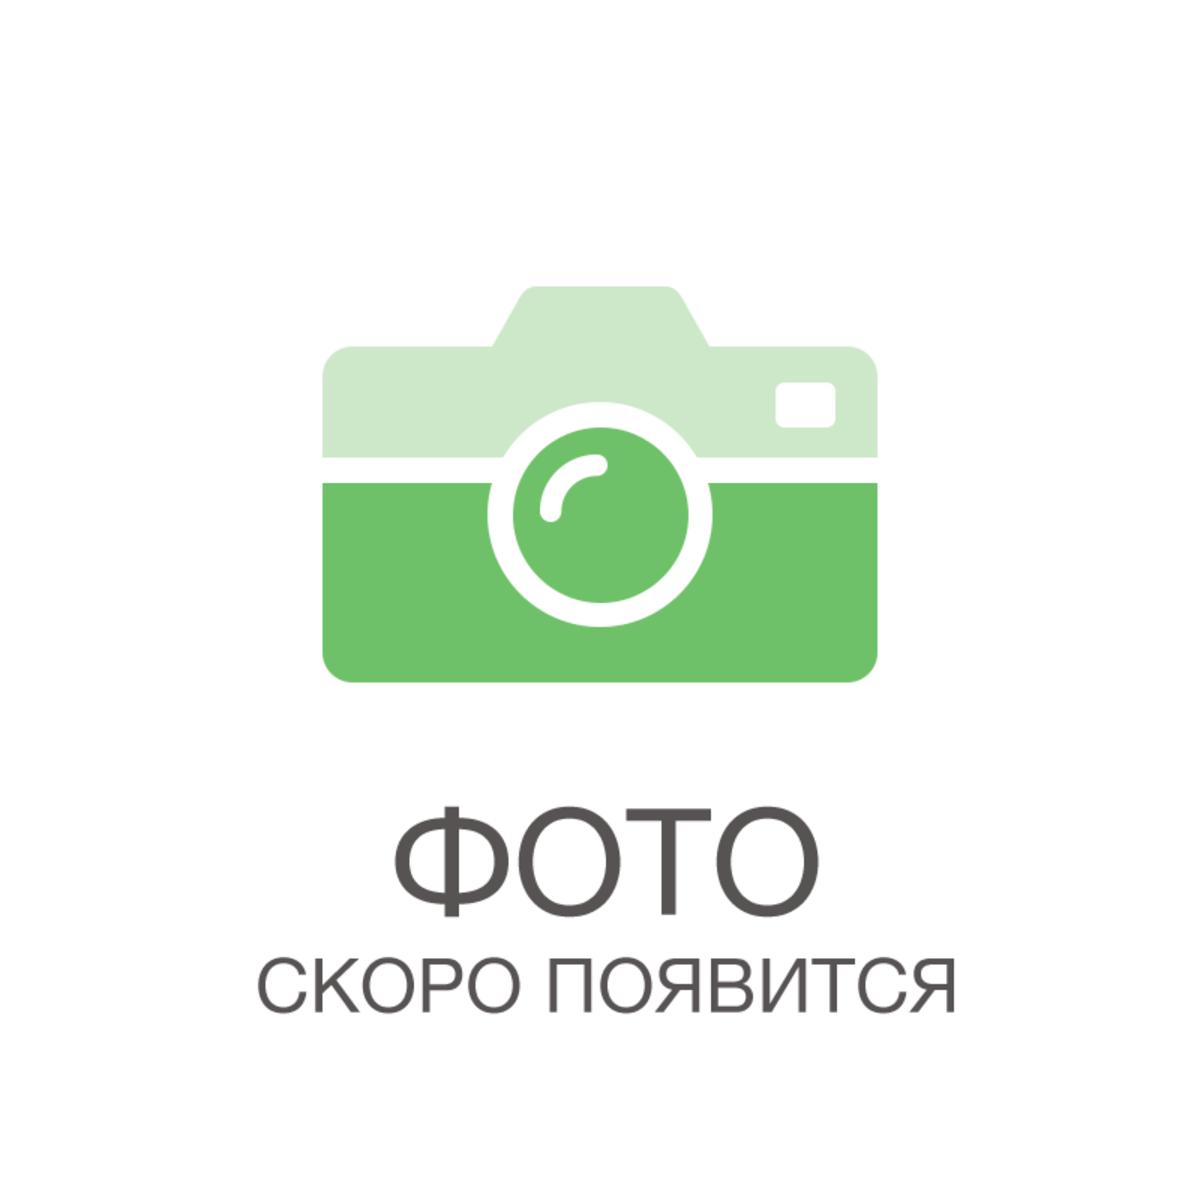 Ламинат Artens Дудуза 33 класс толщина 8 мм с фаской 1.99 м²